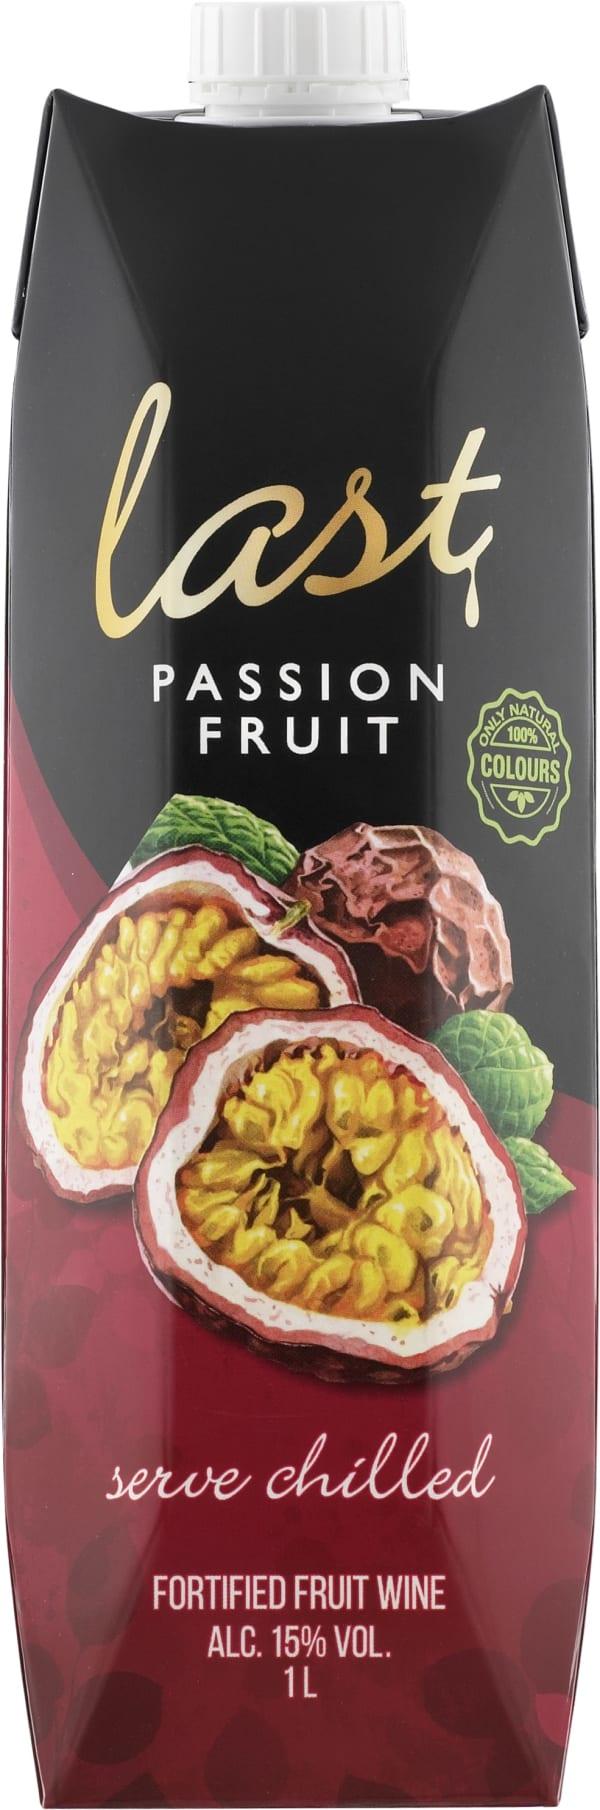 Last Passionfruit kartongförpackning